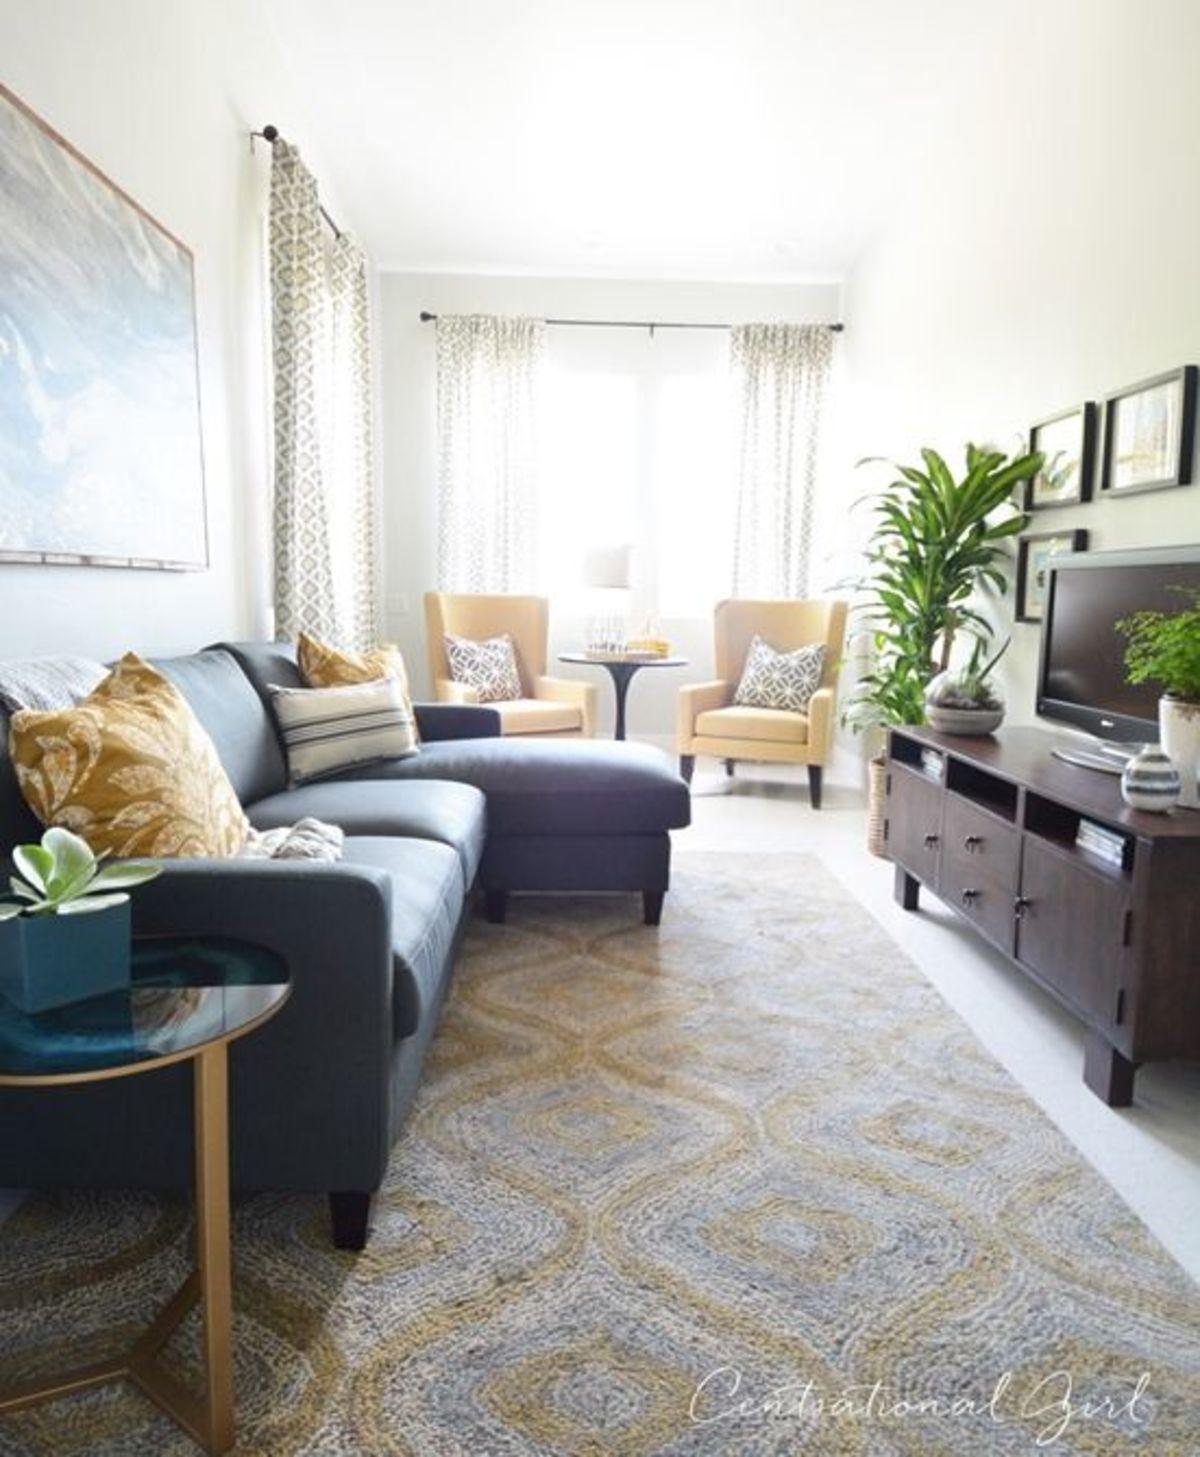 Ковры в гостиной помогут добавить тепла и комфорта, а также расширят визуально комнату